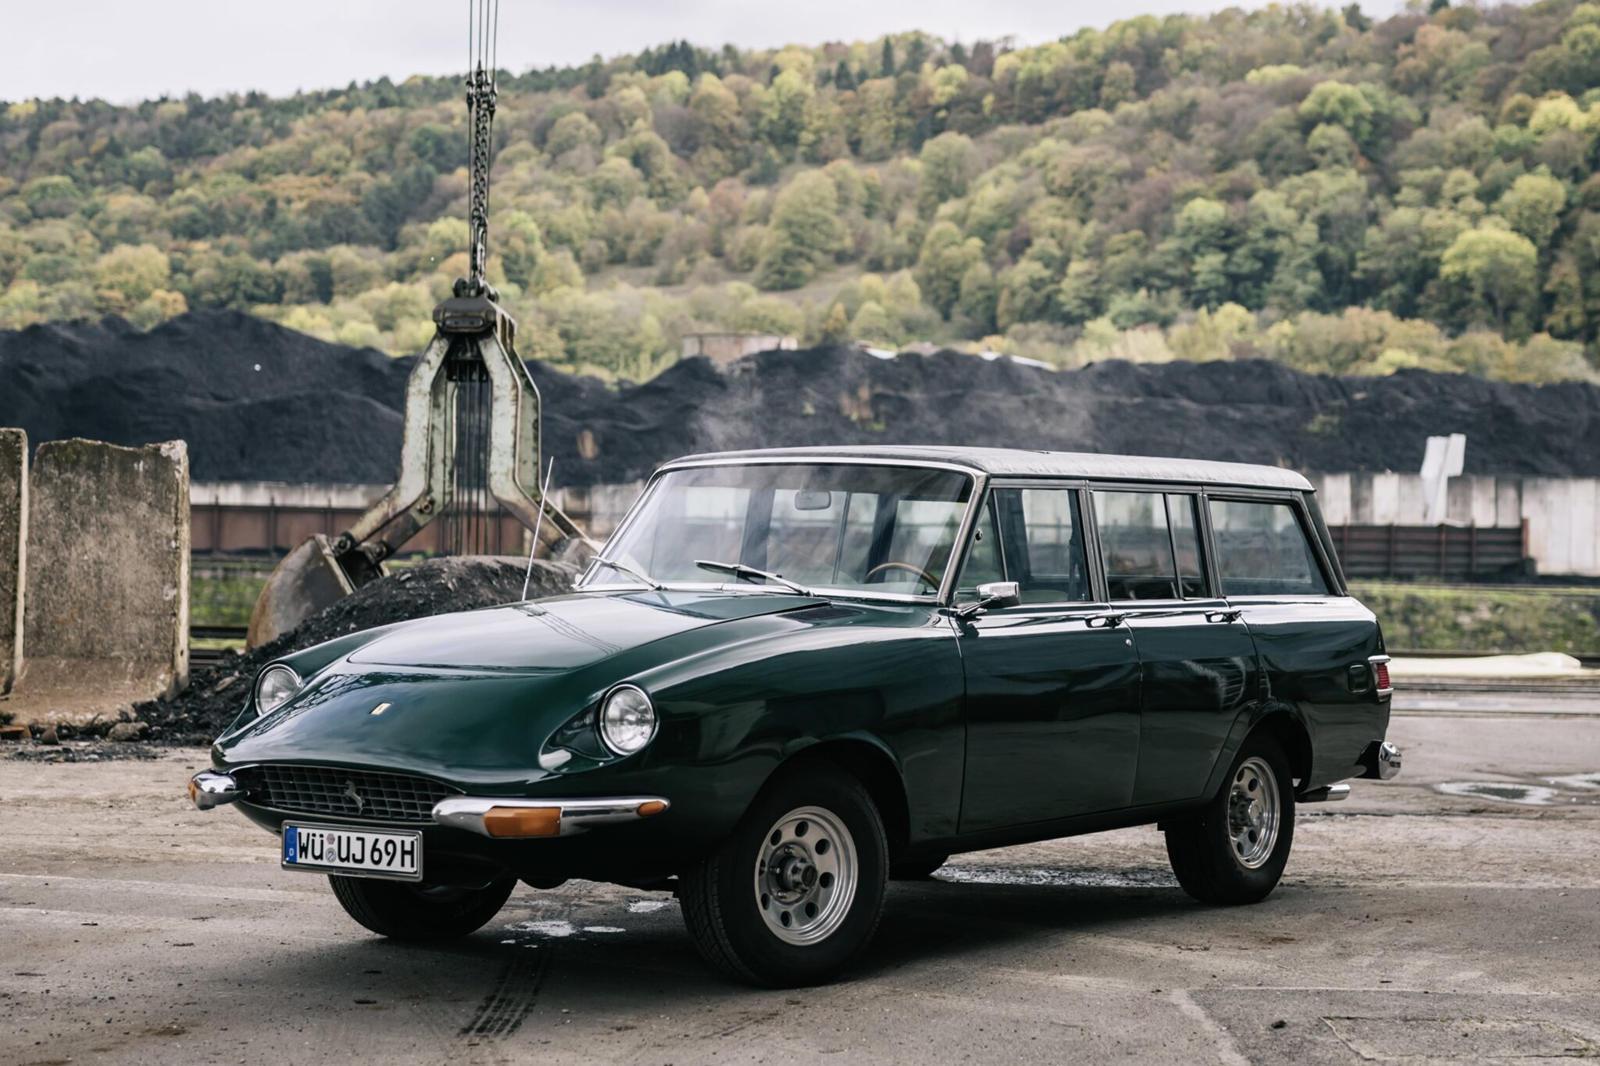 9-mẫu-SUV-mà-chắc-hẳn-bạn-chưa-từng-nghe-tên (7).jpg